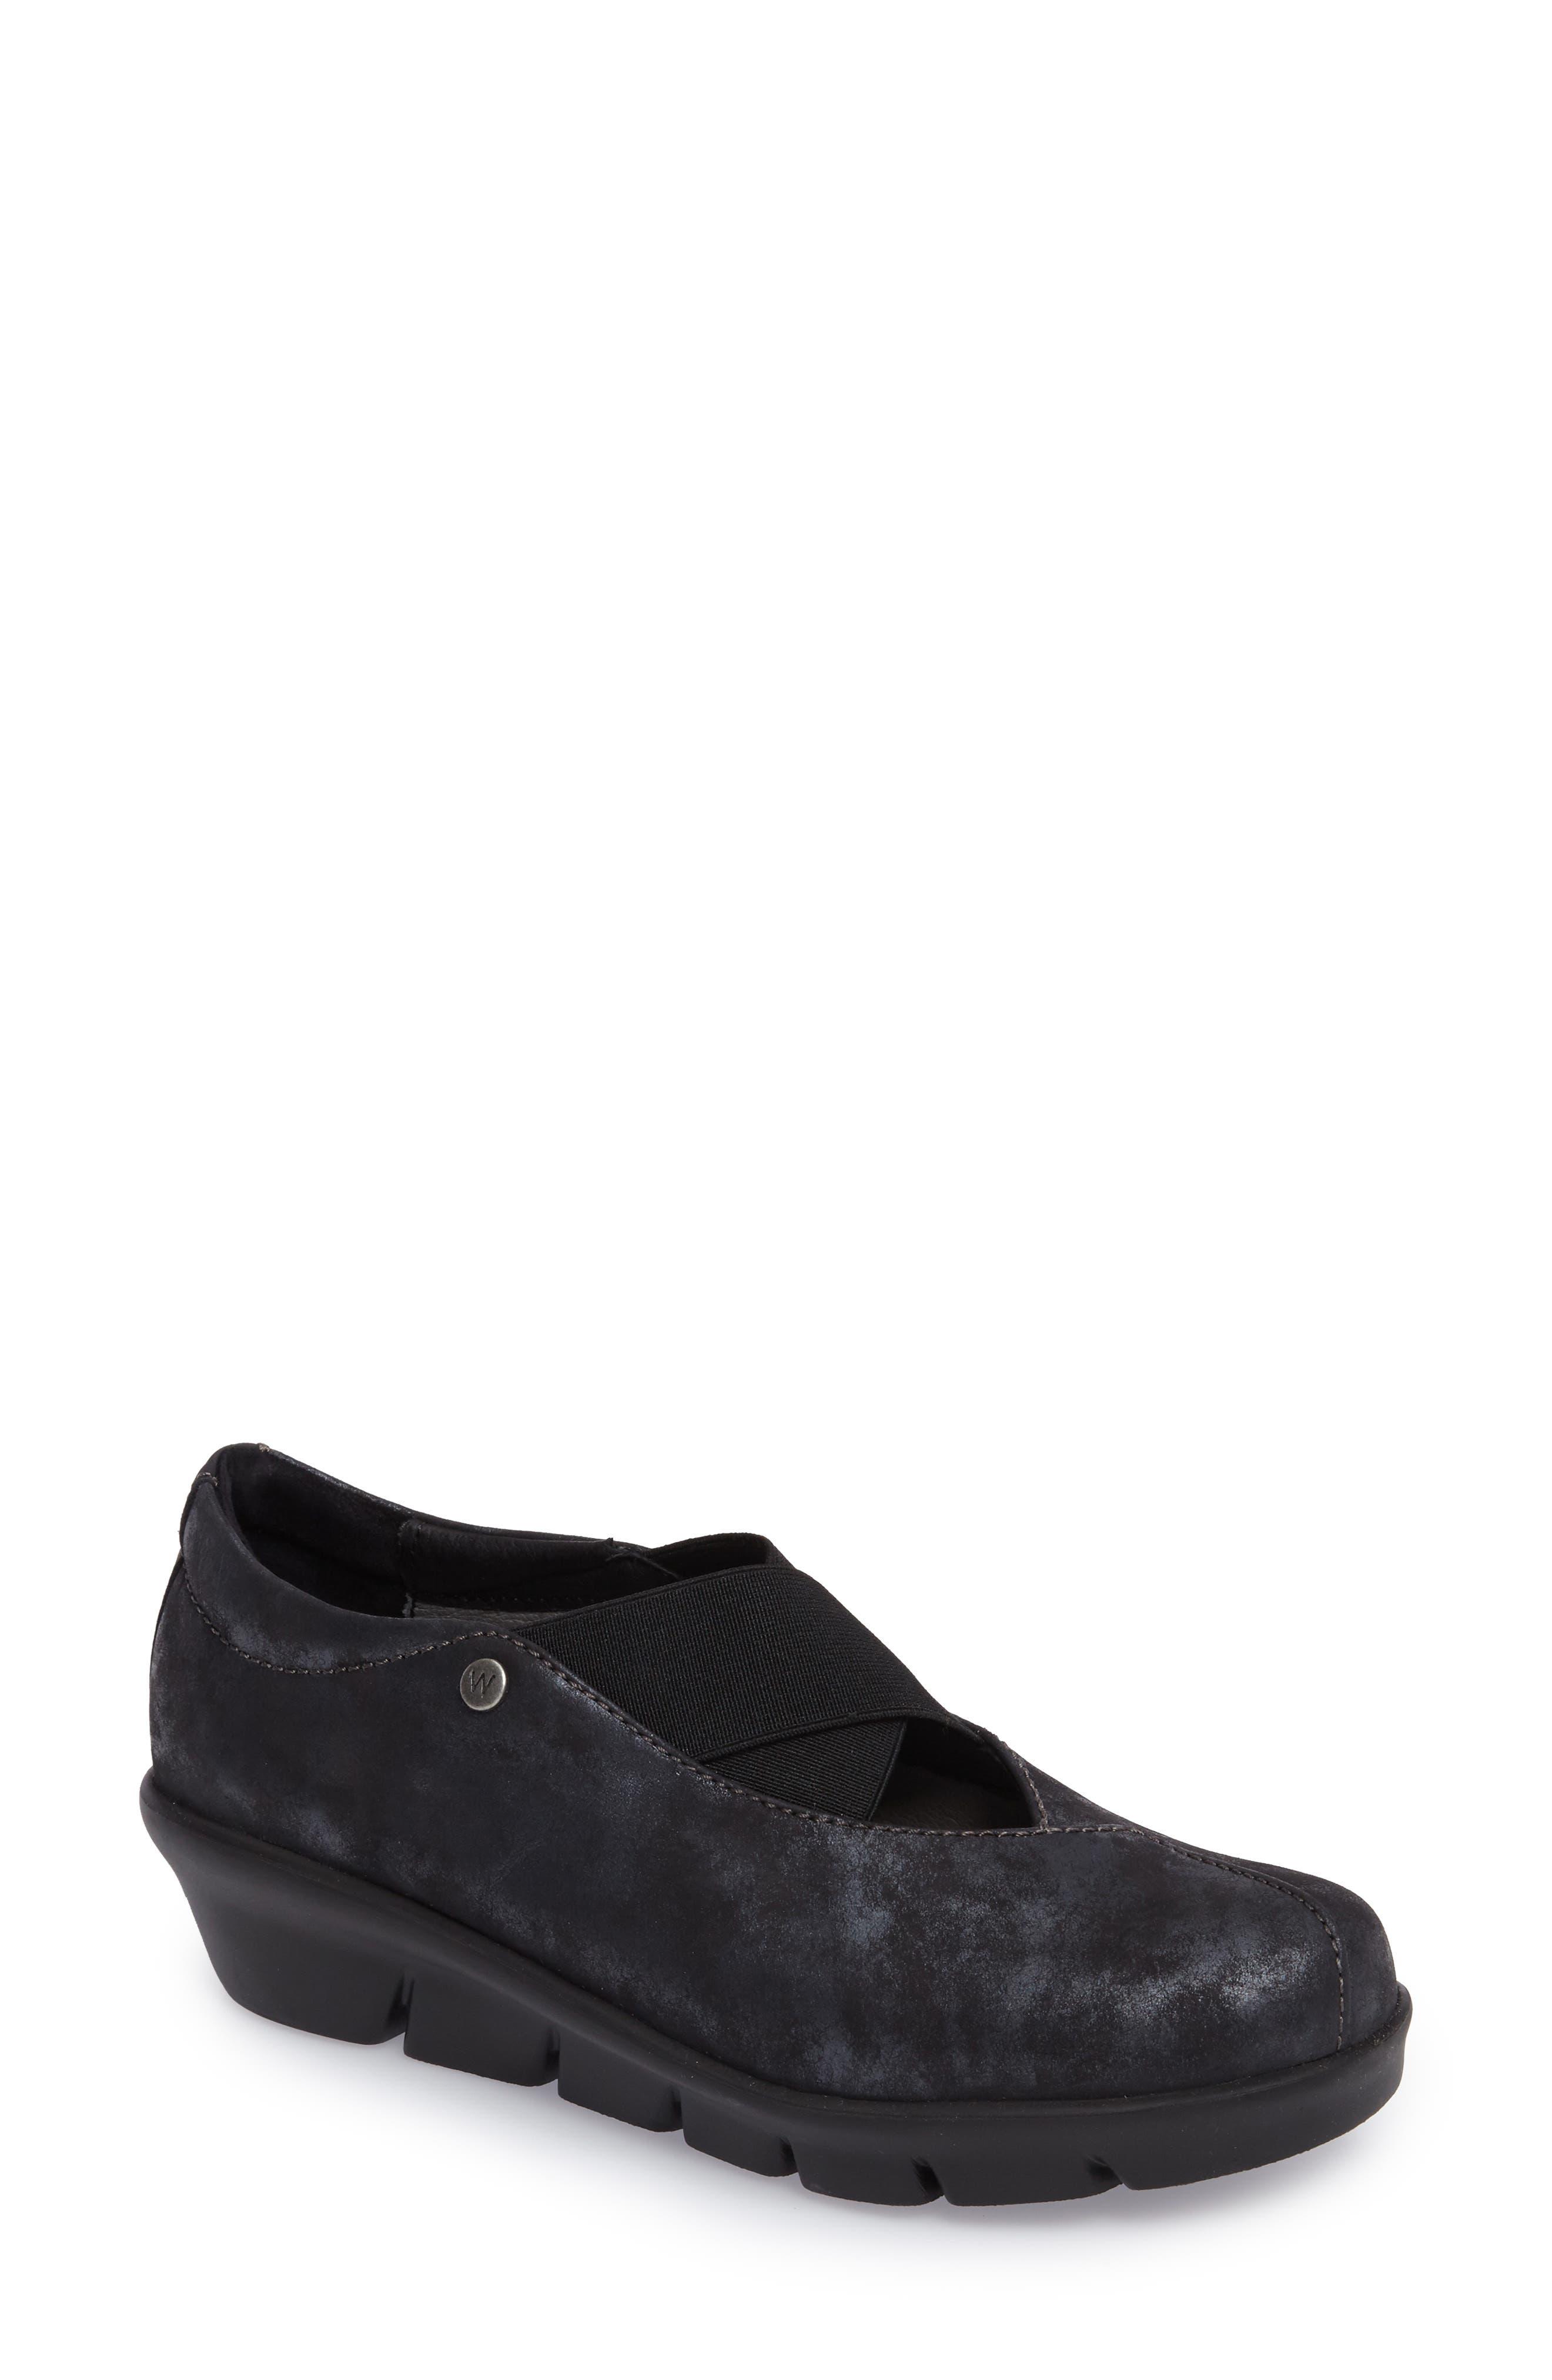 Wolky Cursa Slip-On Sneaker - Black